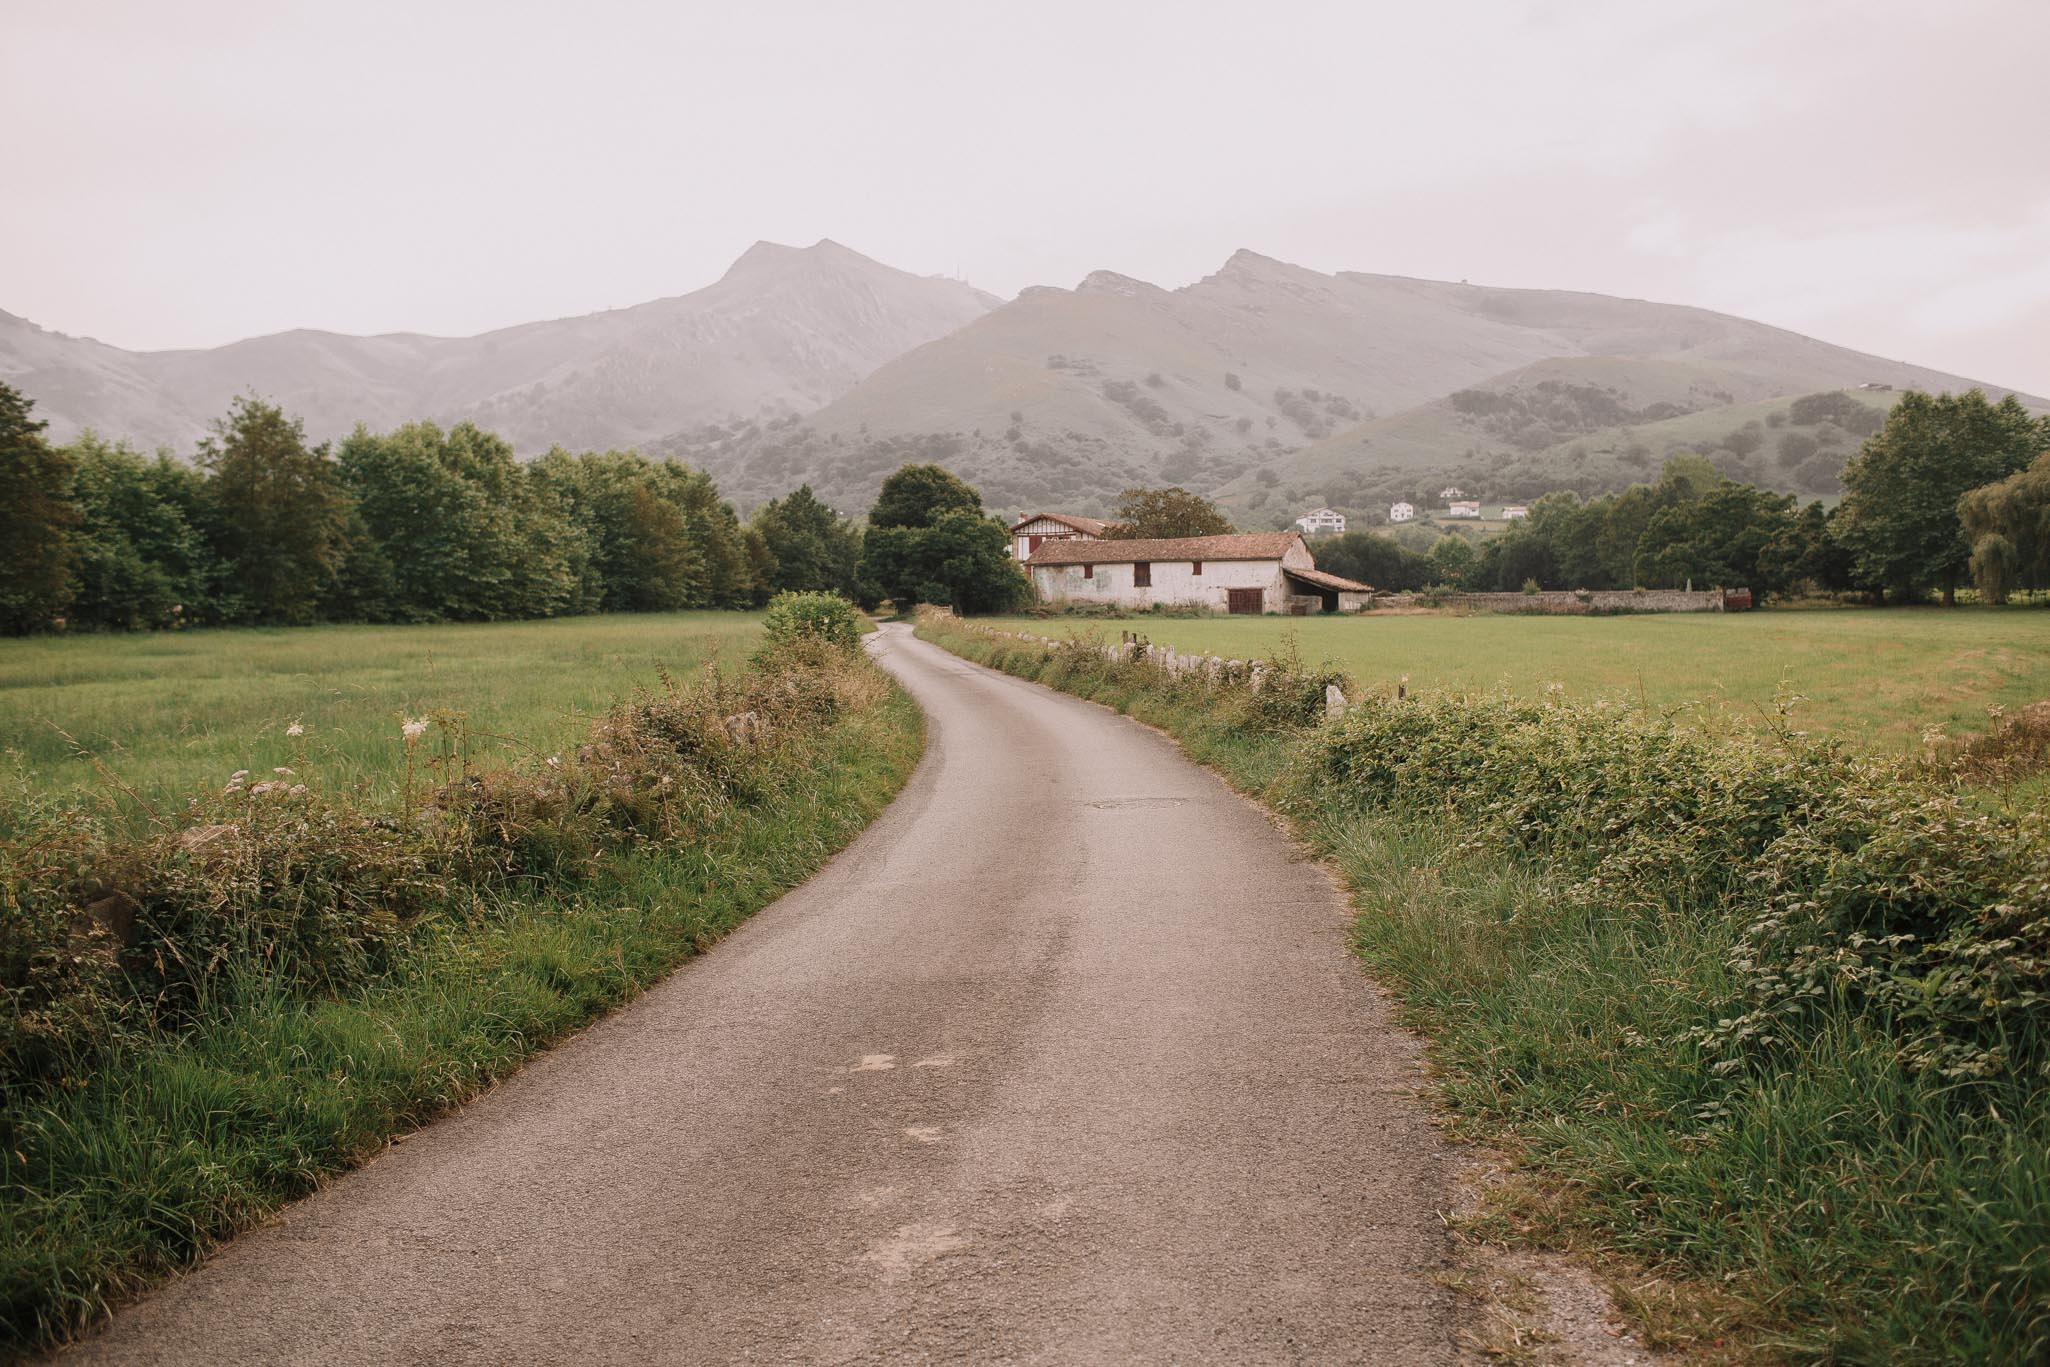 Photographe-mariage-bordeaux-jeremy-boyer-pays-basque-ihartze-artea-sare-robe-eleonore-pauc-couple-amour-116.jpg